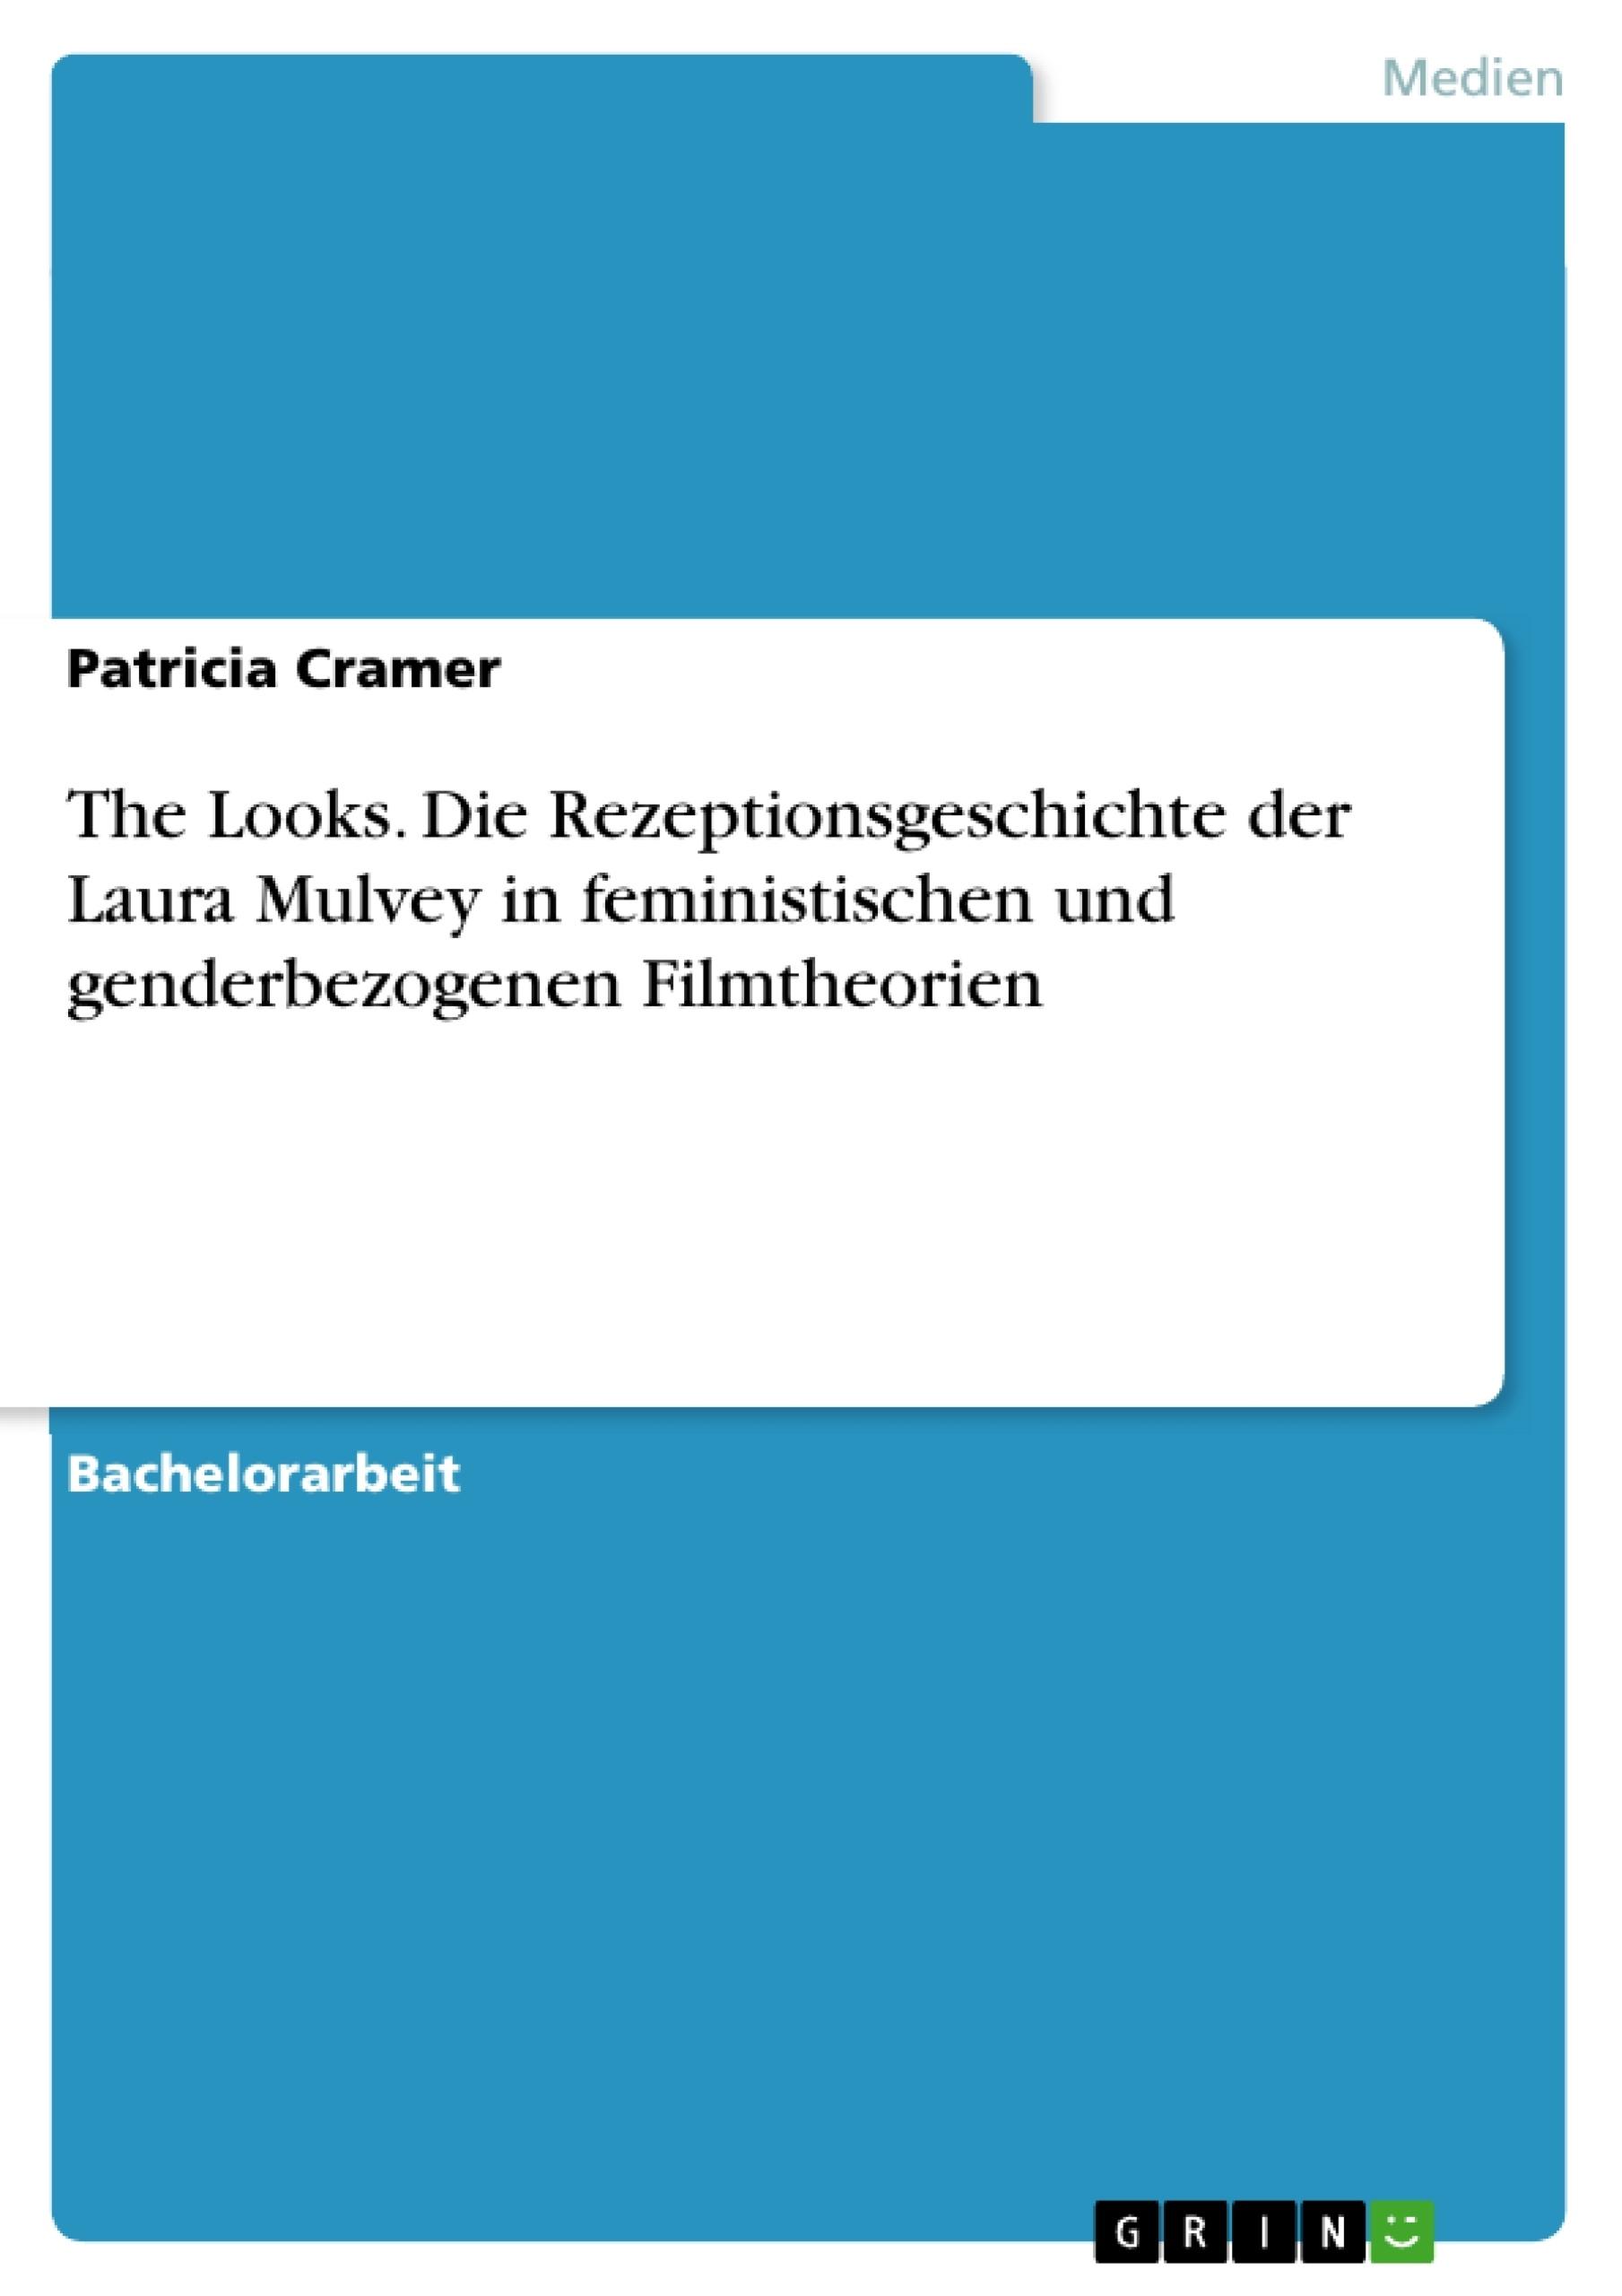 Titel: The Looks. Die Rezeptionsgeschichte der Laura Mulvey in feministischen und genderbezogenen Filmtheorien